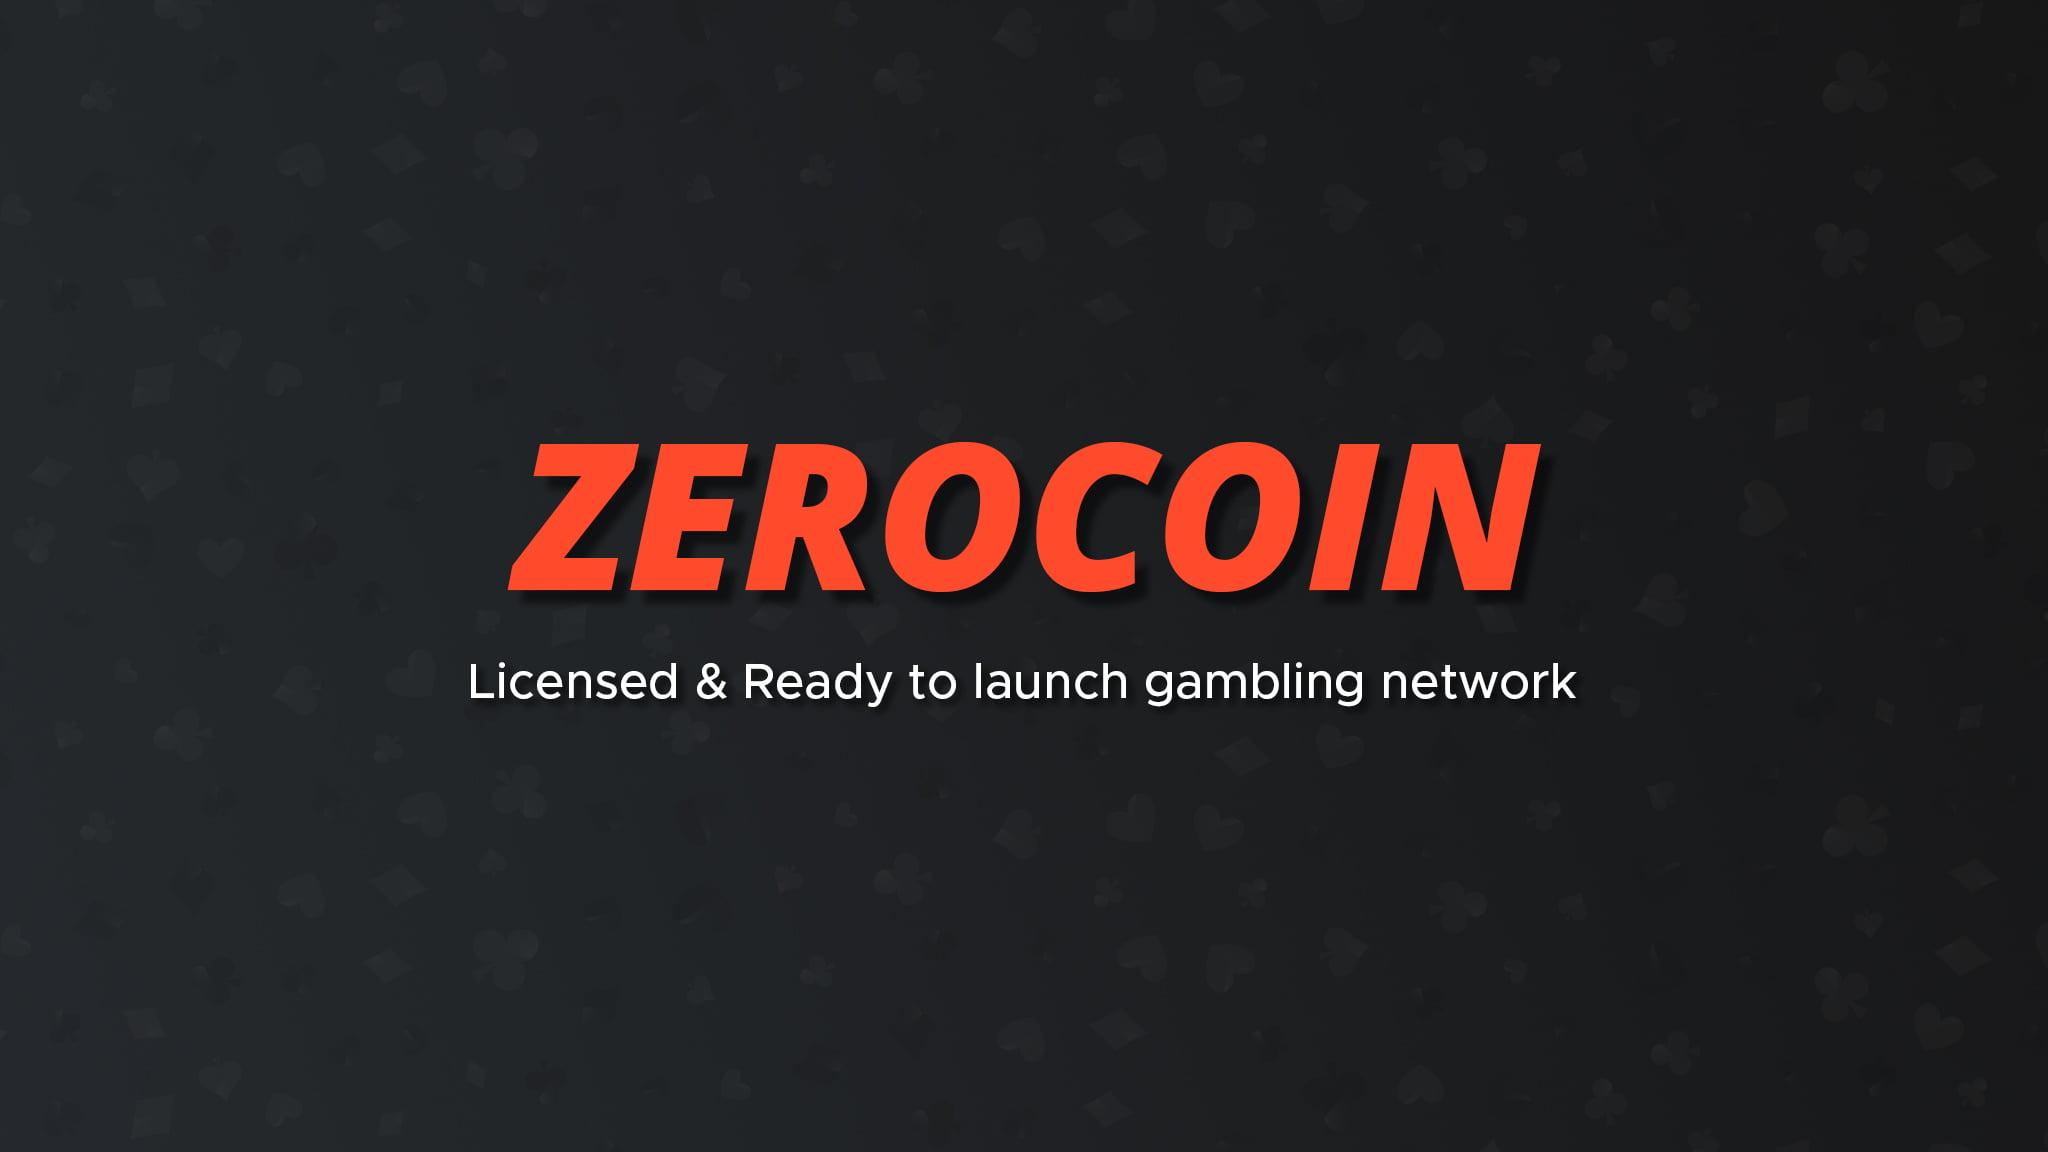 zero edge, zerocoin, gambling